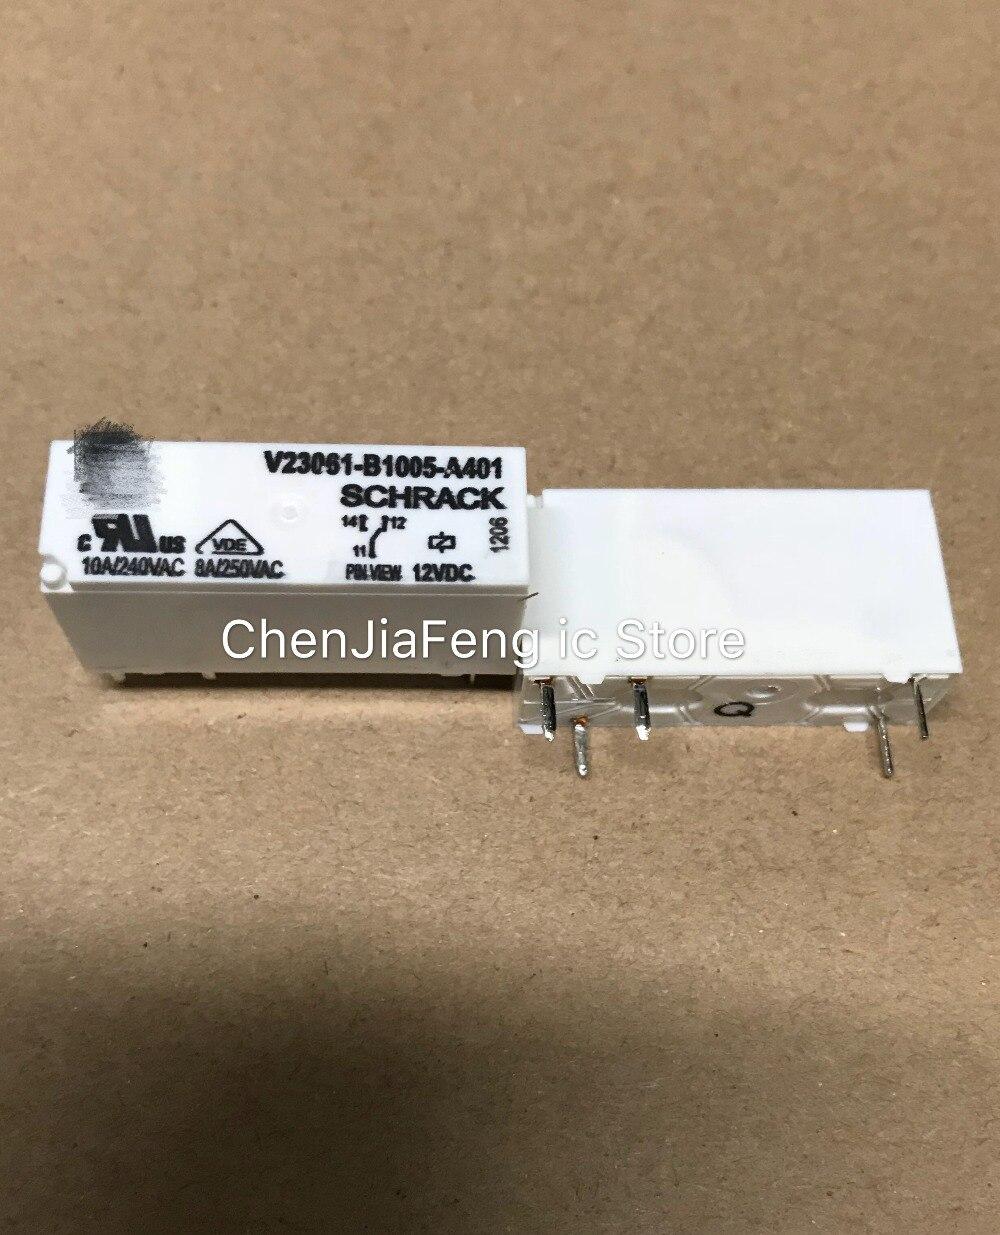 5pcs/lot New Original V23061-b1005-a401 Dip